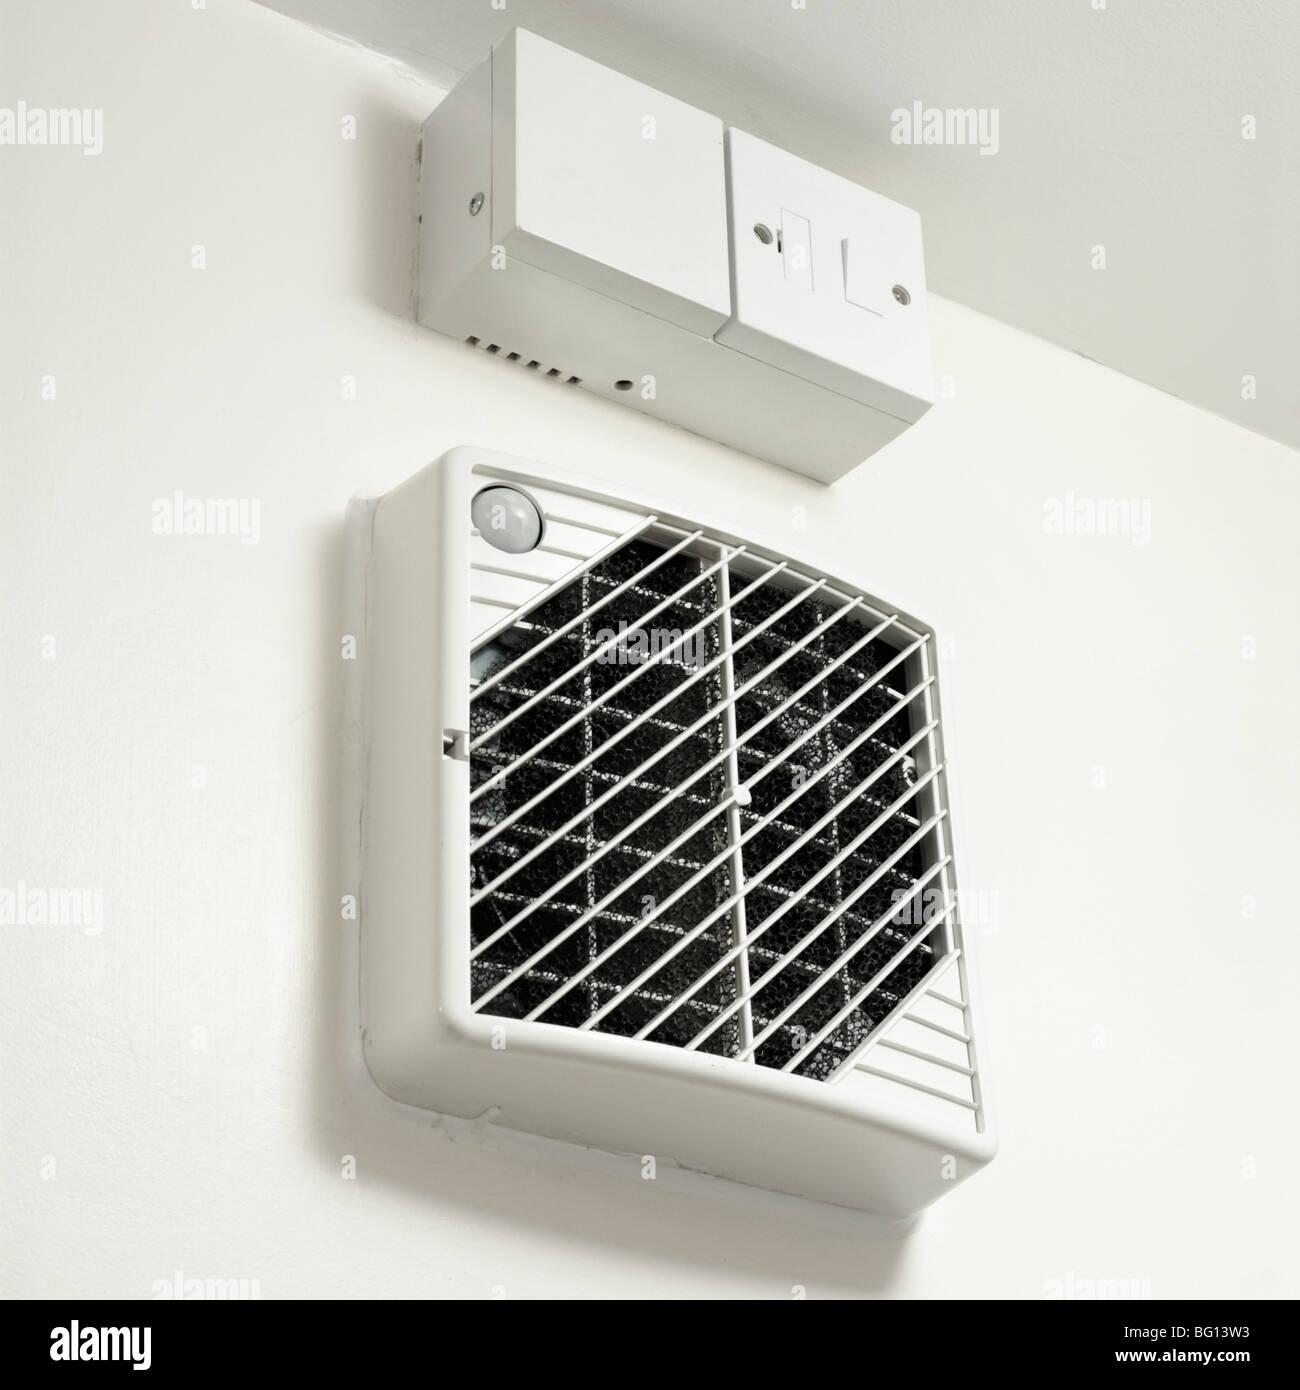 Lüftung Wärmerückgewinnung im Badezimmer von Öko-Haus. Nahaufnahme ...